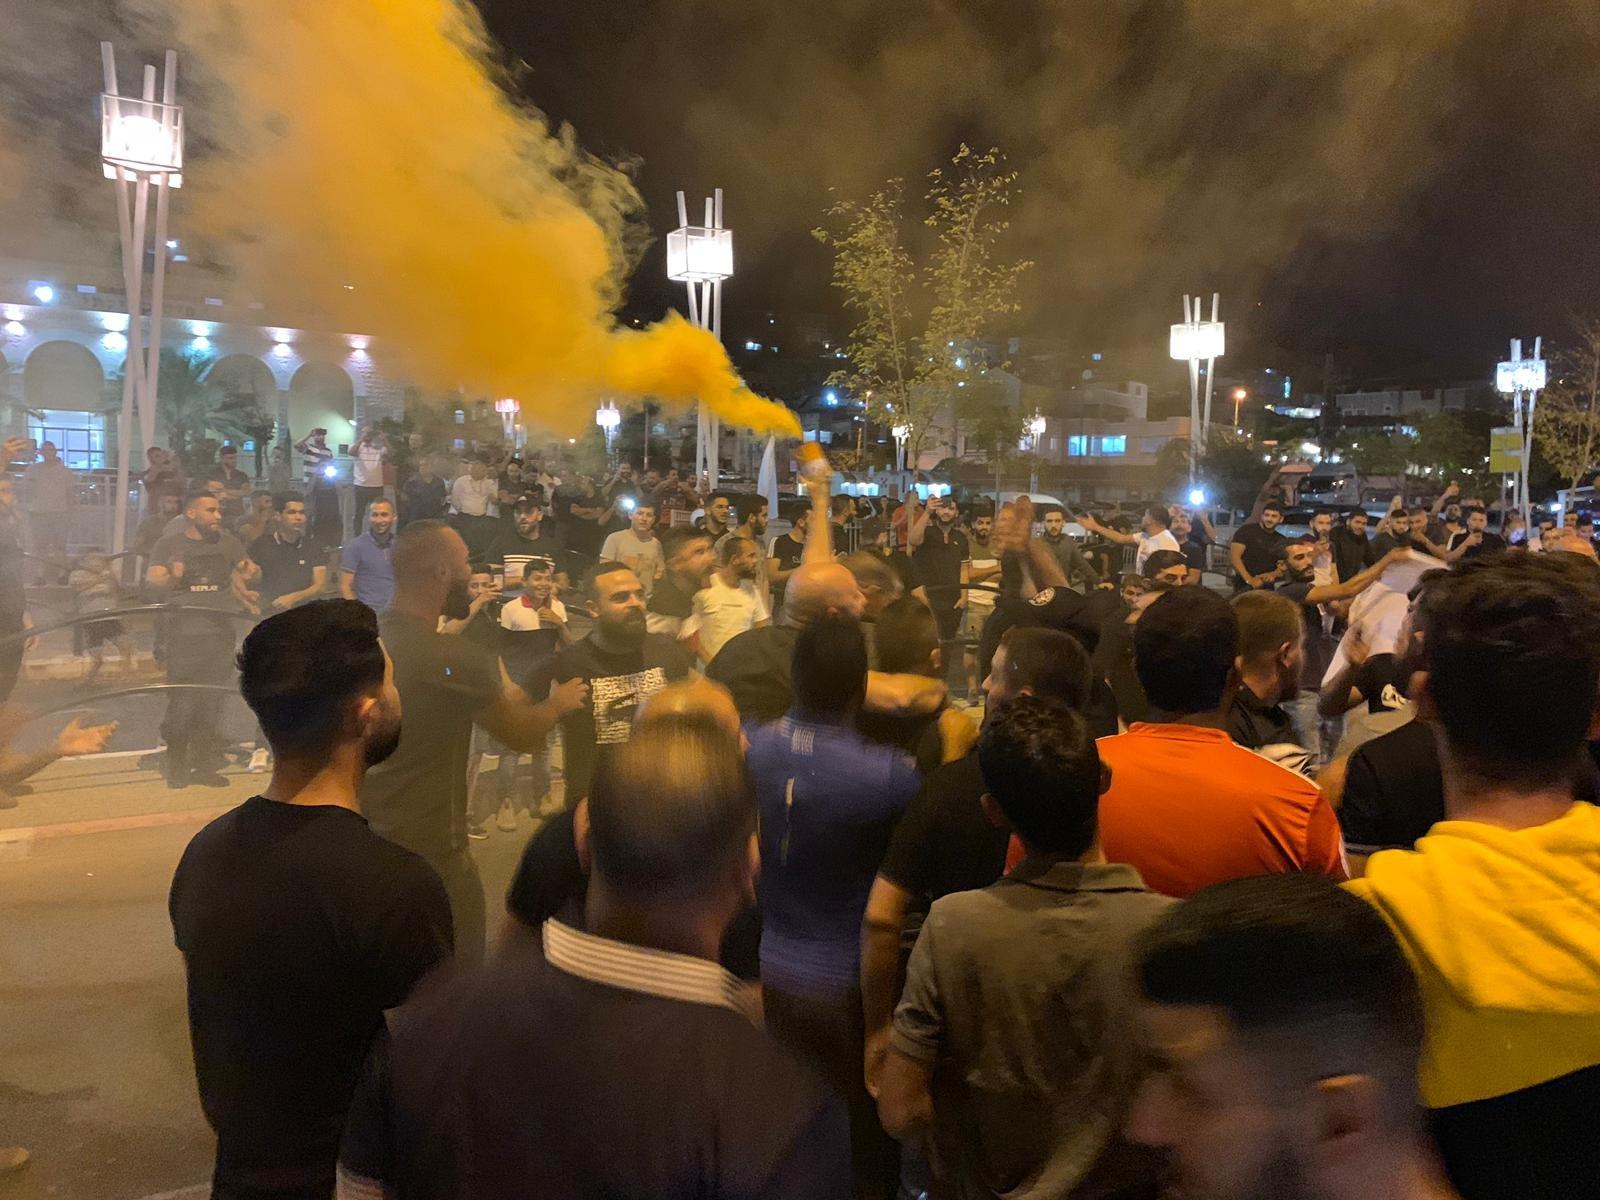 الجمهور السخنيني يتظاهر ويطالب باقالة ادارة الفريق